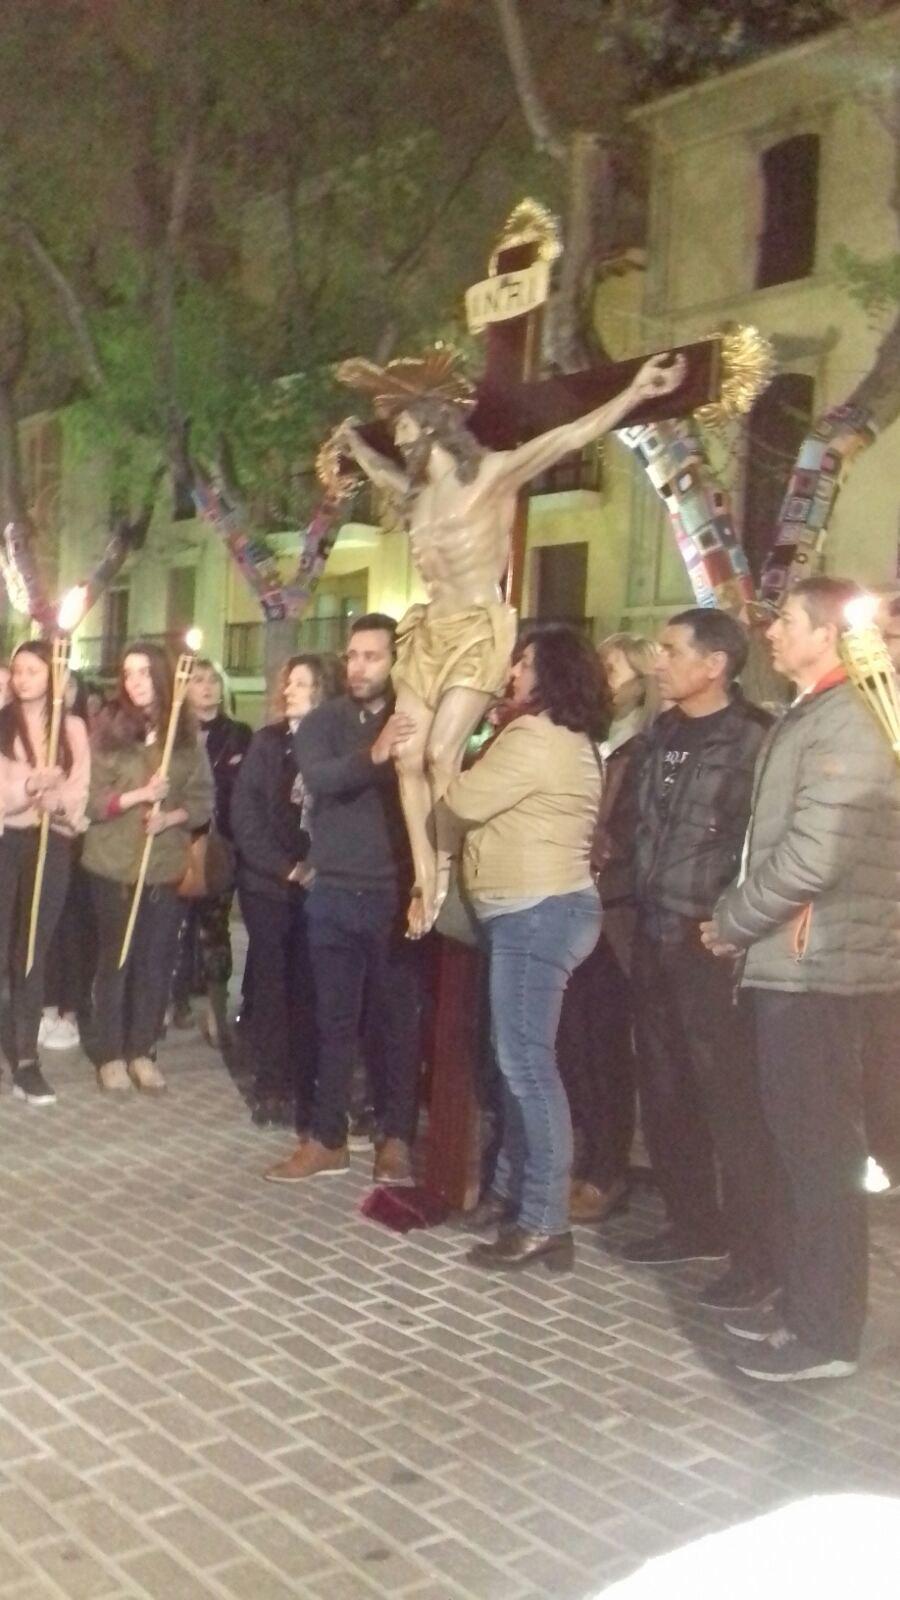 (2017-04-07) VIII Vía crucis nocturno -  Sergio Pérez (03)